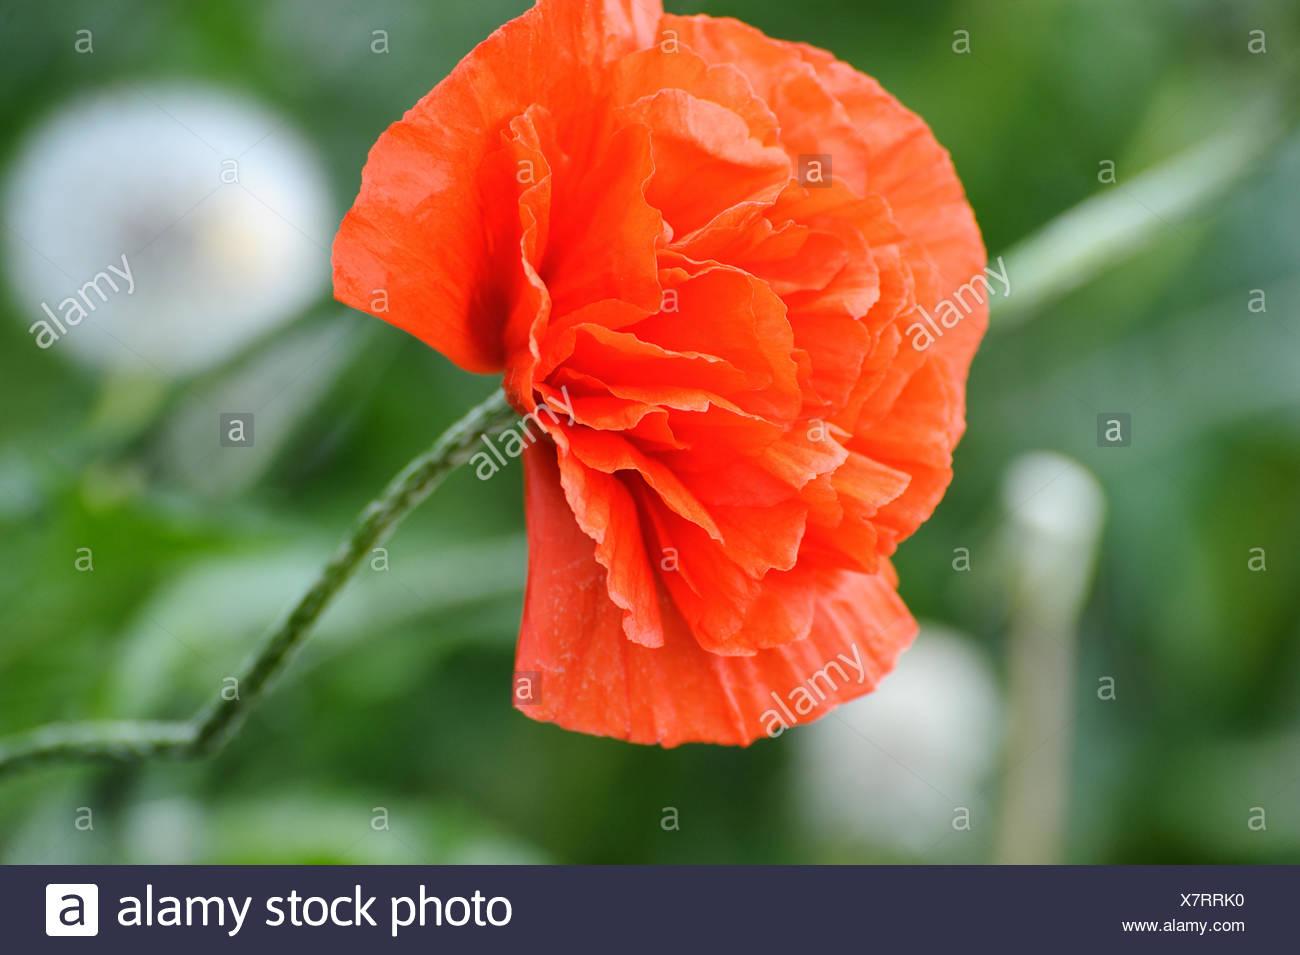 Birth Of A Poppy Stock Photo 280191940 Alamy